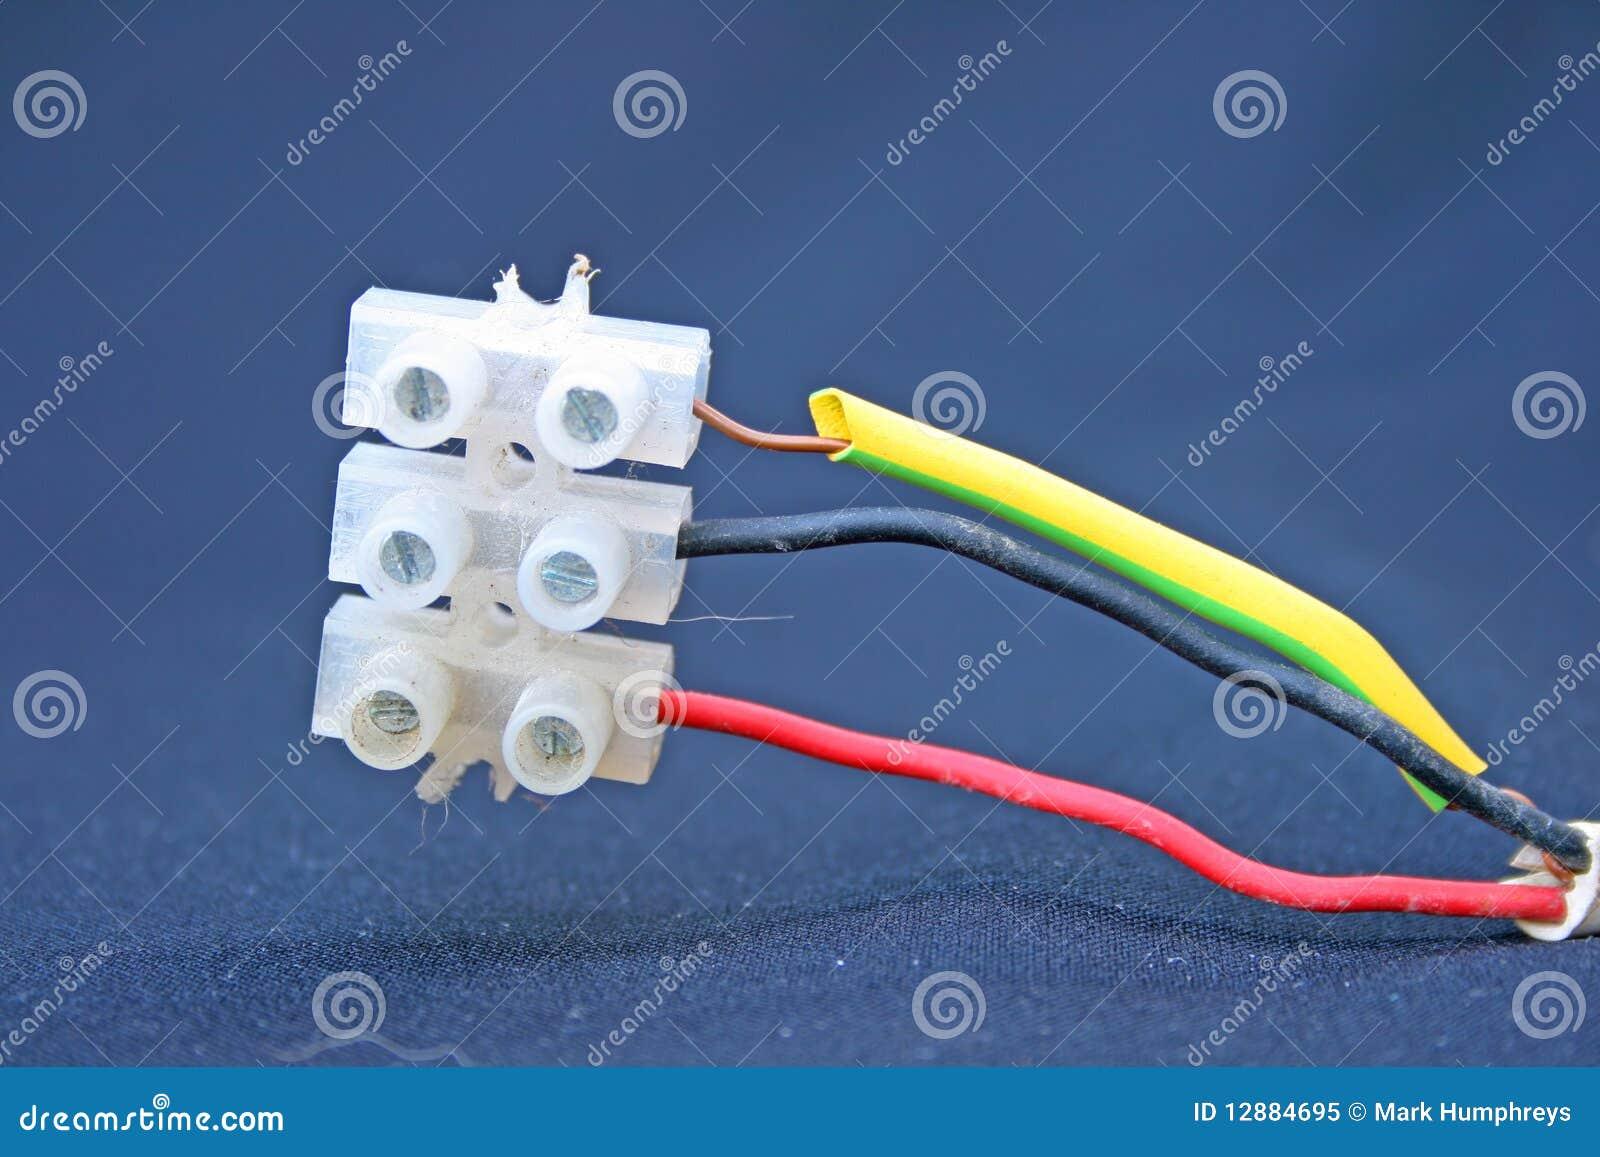 Elektrischer Anschluss Lizenzfreies Stockfoto Bild